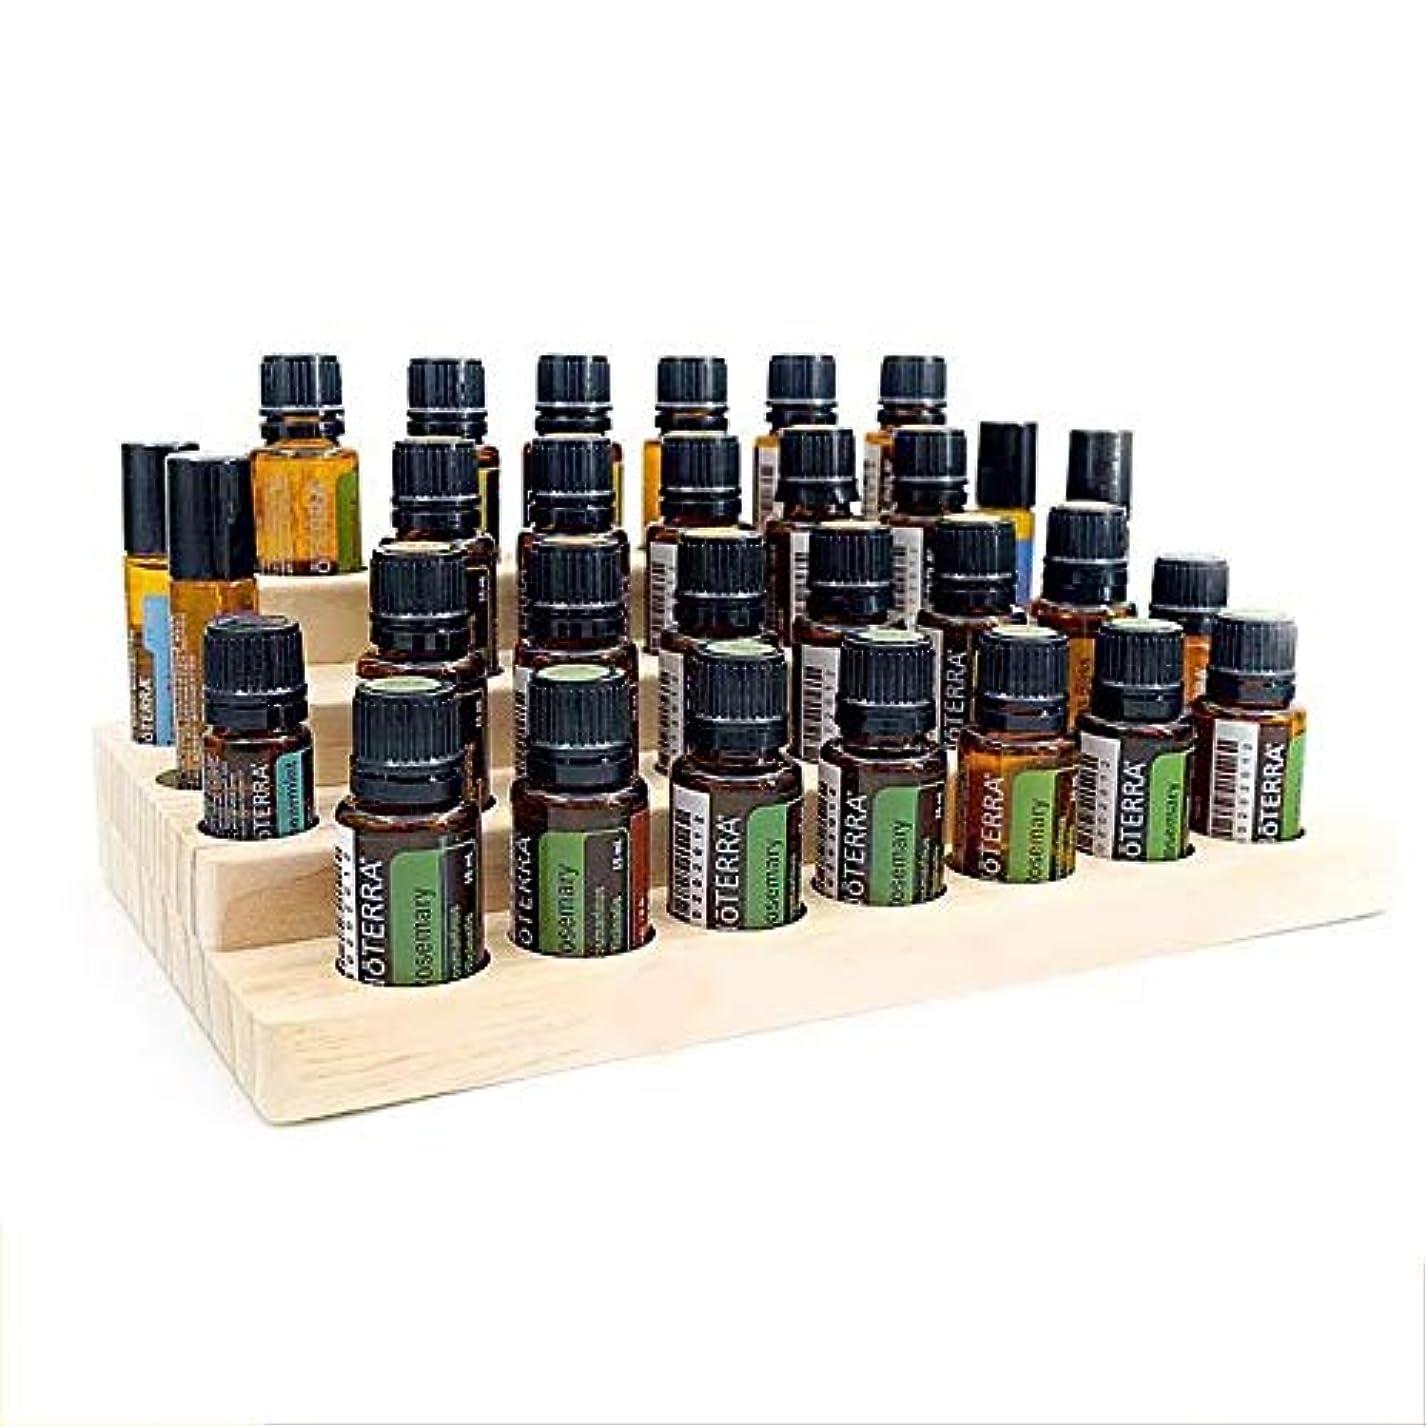 ニュージーランドさようならホステル30スロット木製エッセンシャルオイル木製ボックス油の収納ケースは、30本のボトルを保持します アロマセラピー製品 (色 : Natural, サイズ : 28.7X16.7X7.8CM)